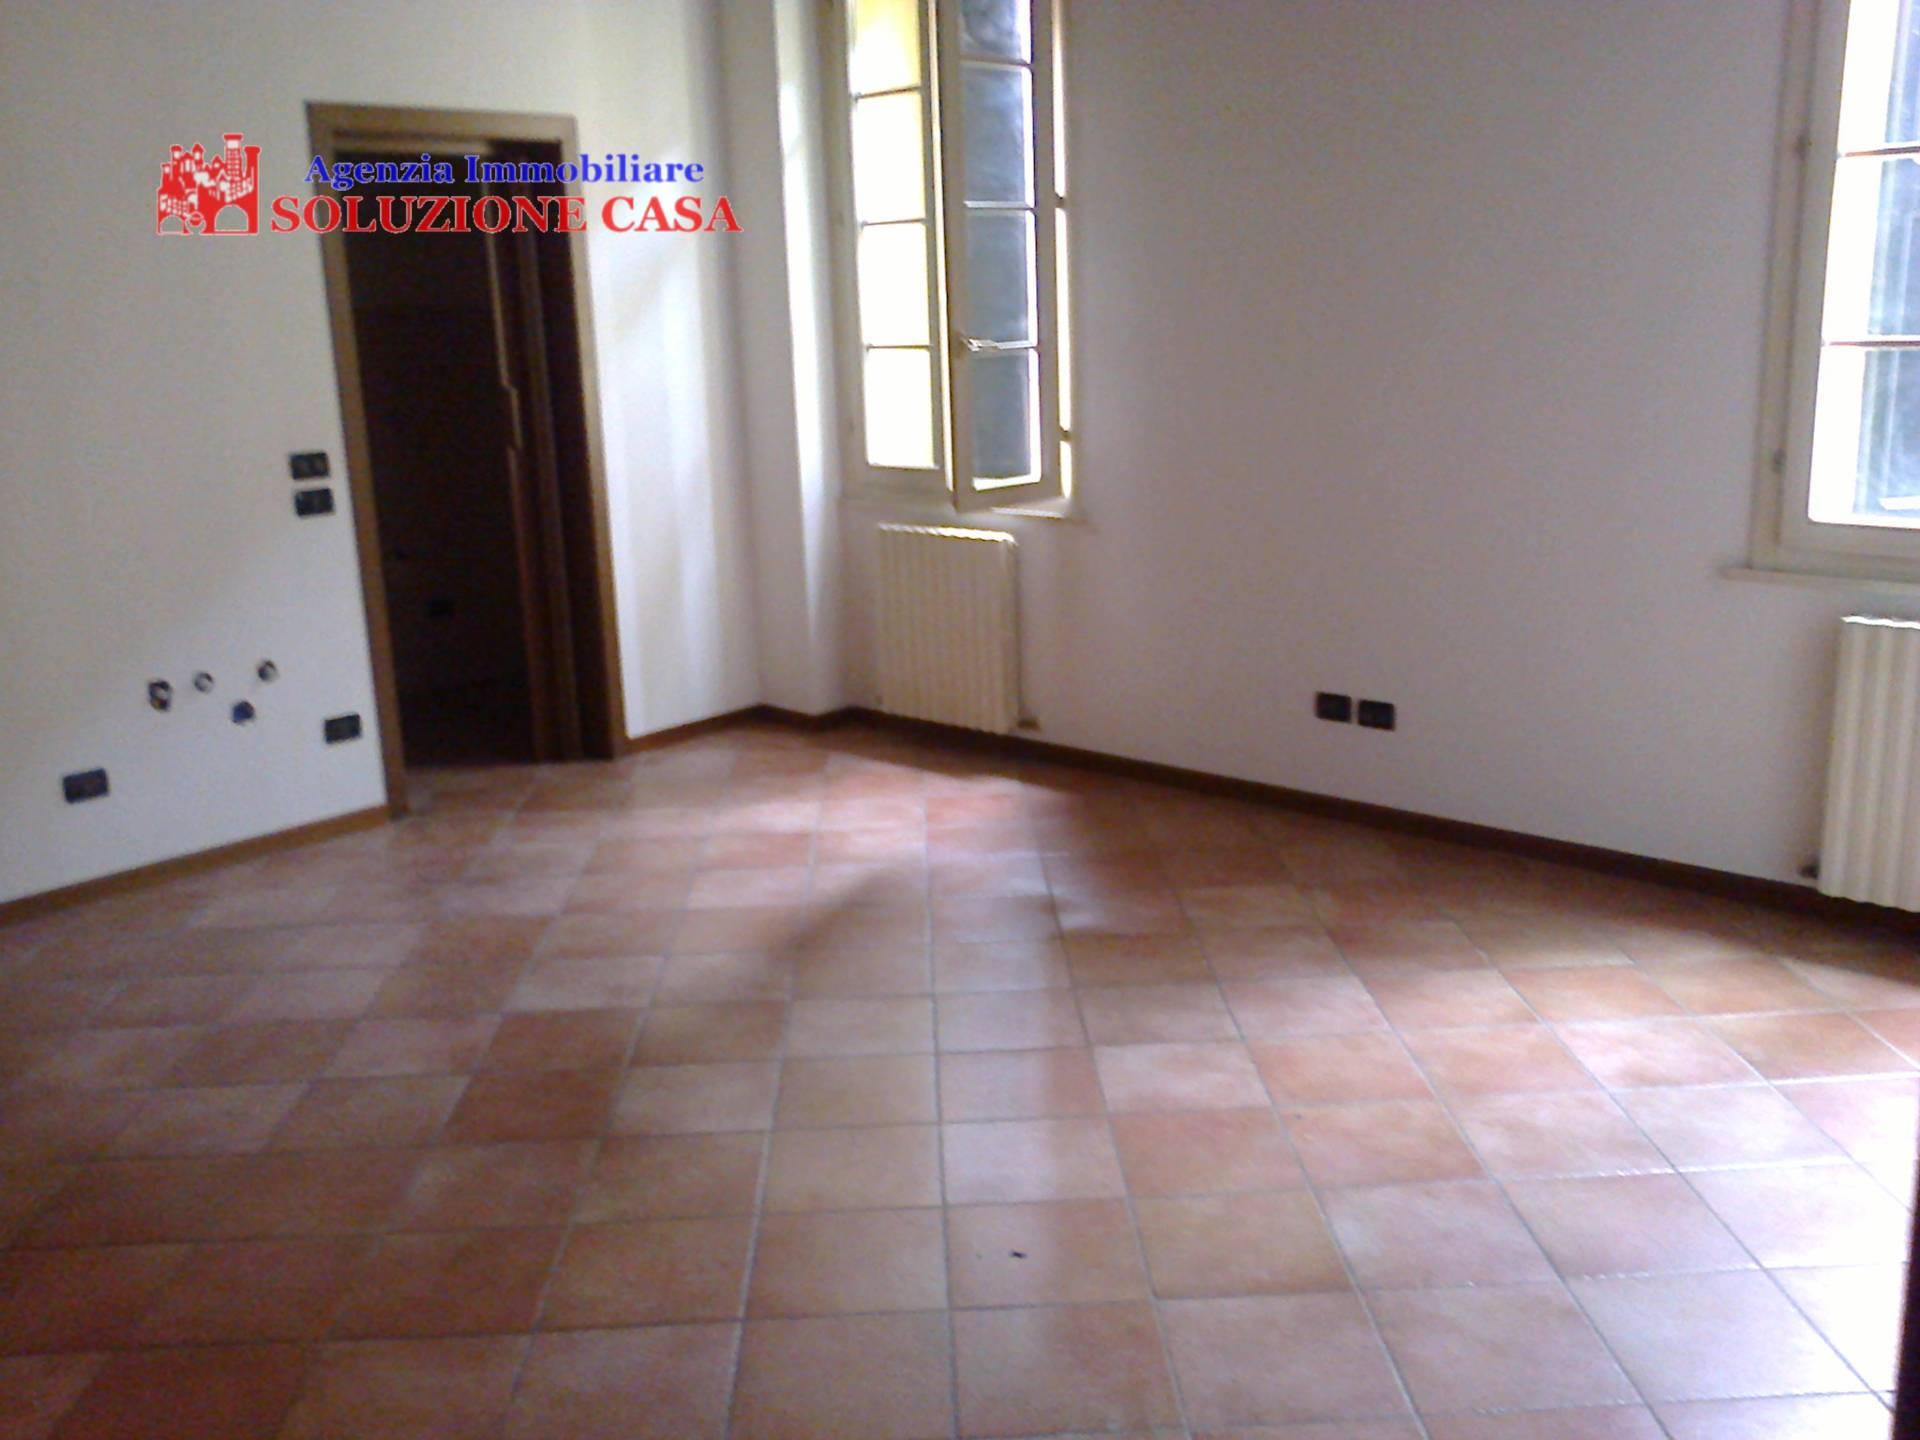 Appartamento in affitto a Cento, 3 locali, prezzo € 500 | Cambio Casa.it